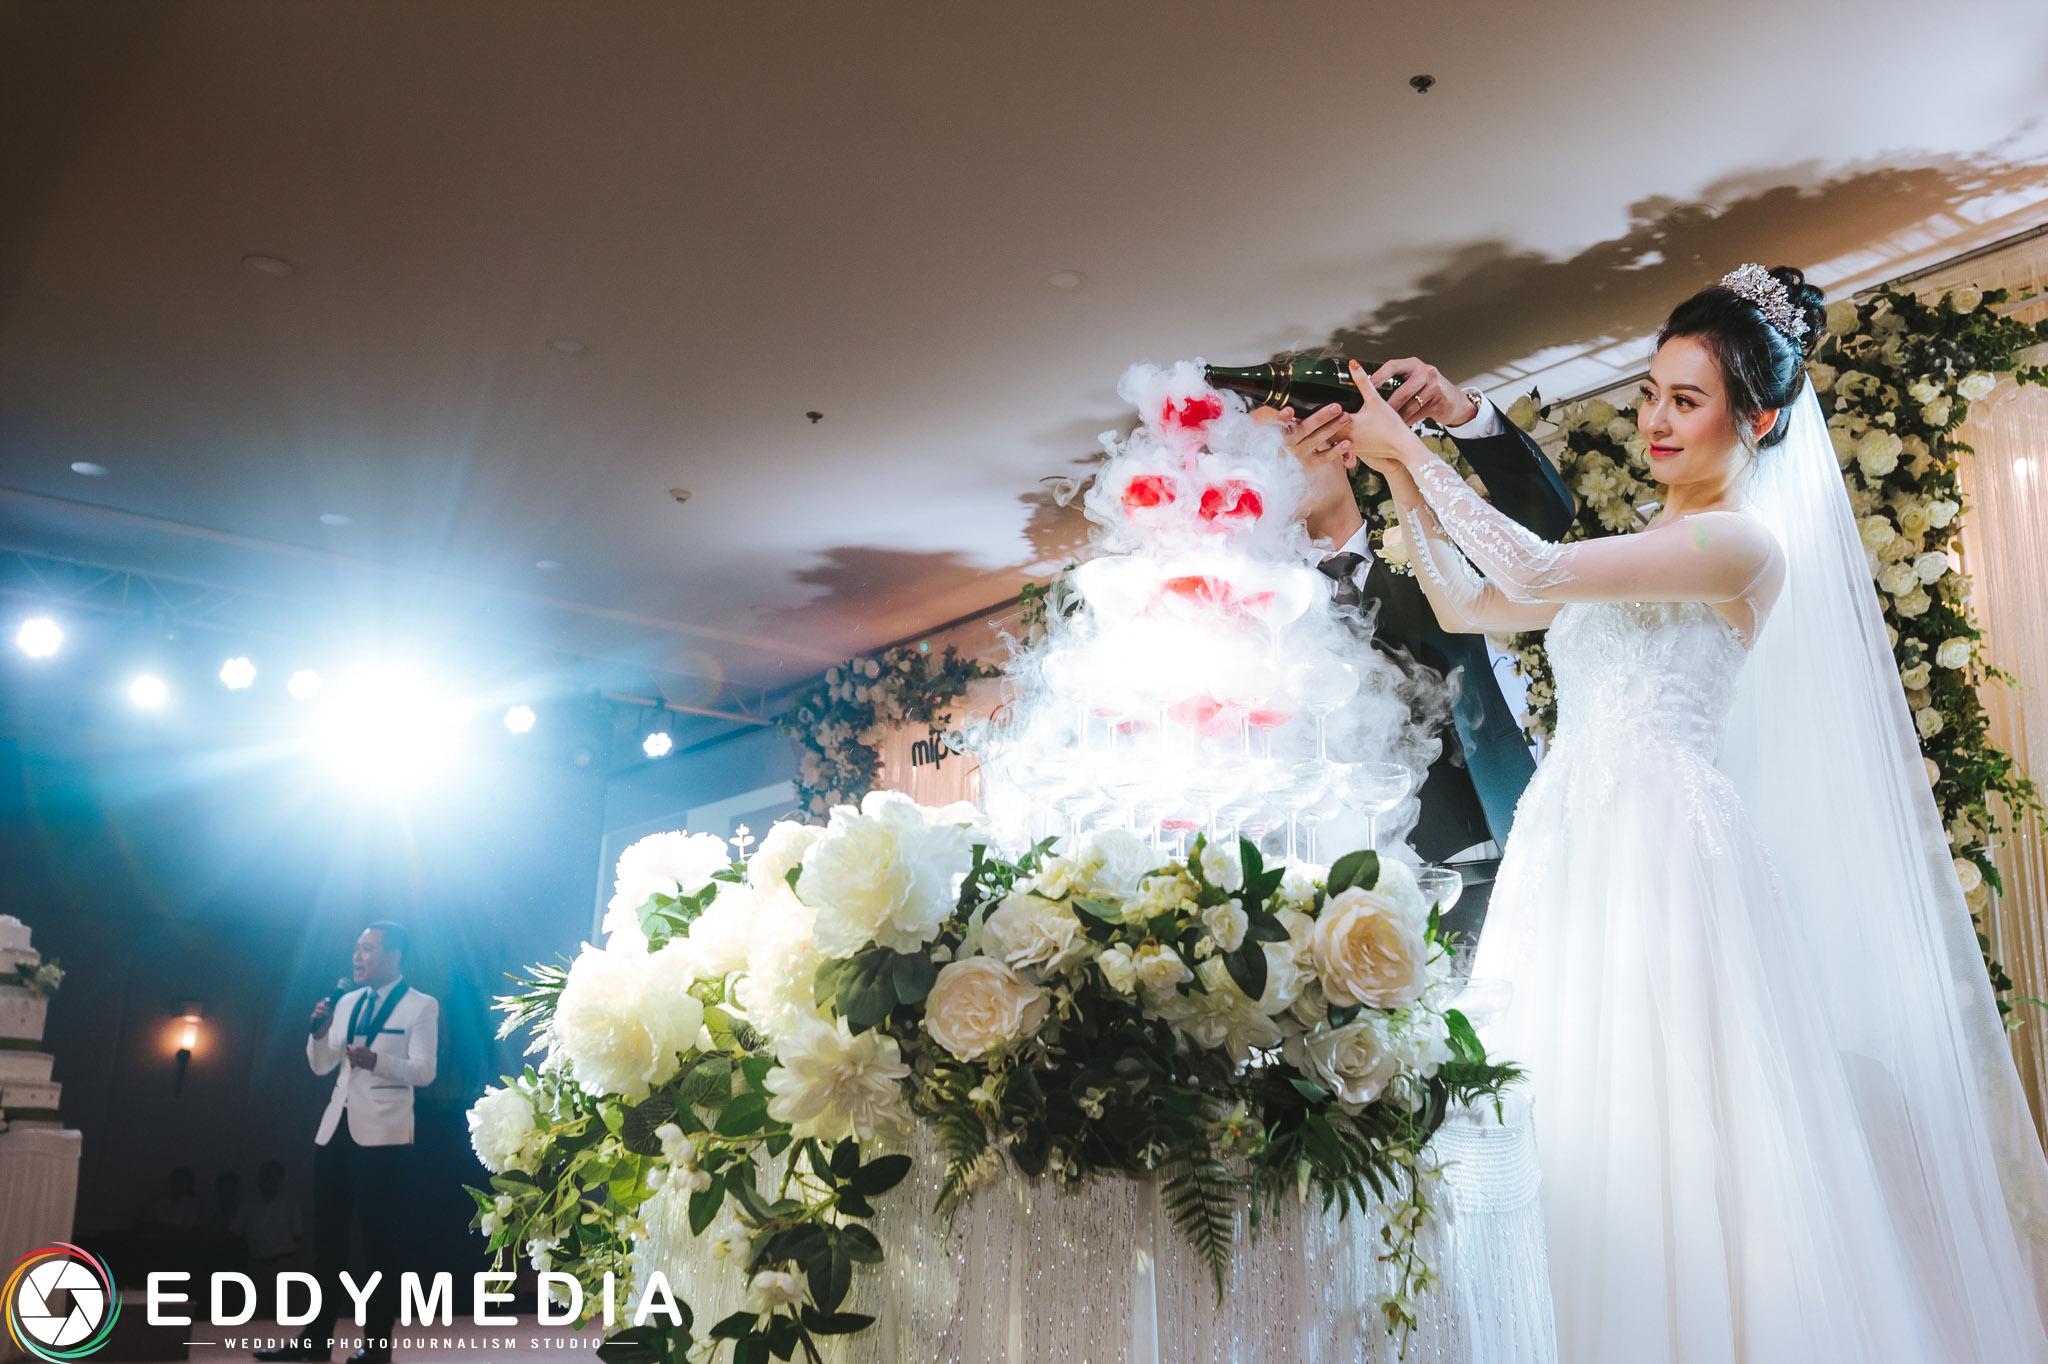 Phongsucuoi VietDung HoaLinh MipecTaySon EddyMedia 34 giá chụp ảnh đám cưới,giá chụp ảnh tiệc cưới,thuê chụp ảnh ngày cưới